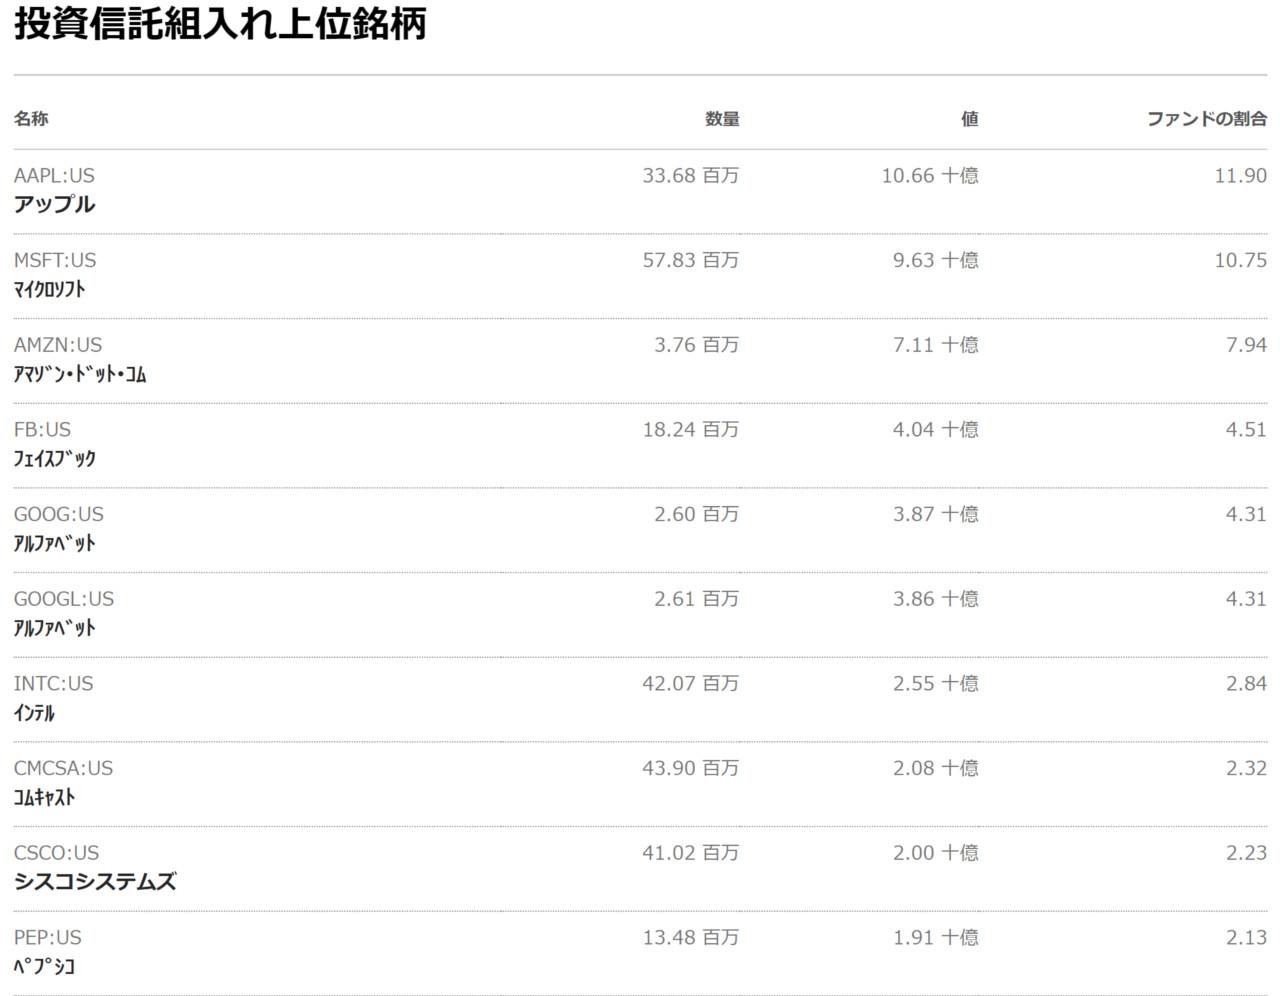 QQQの構成銘柄TOP10